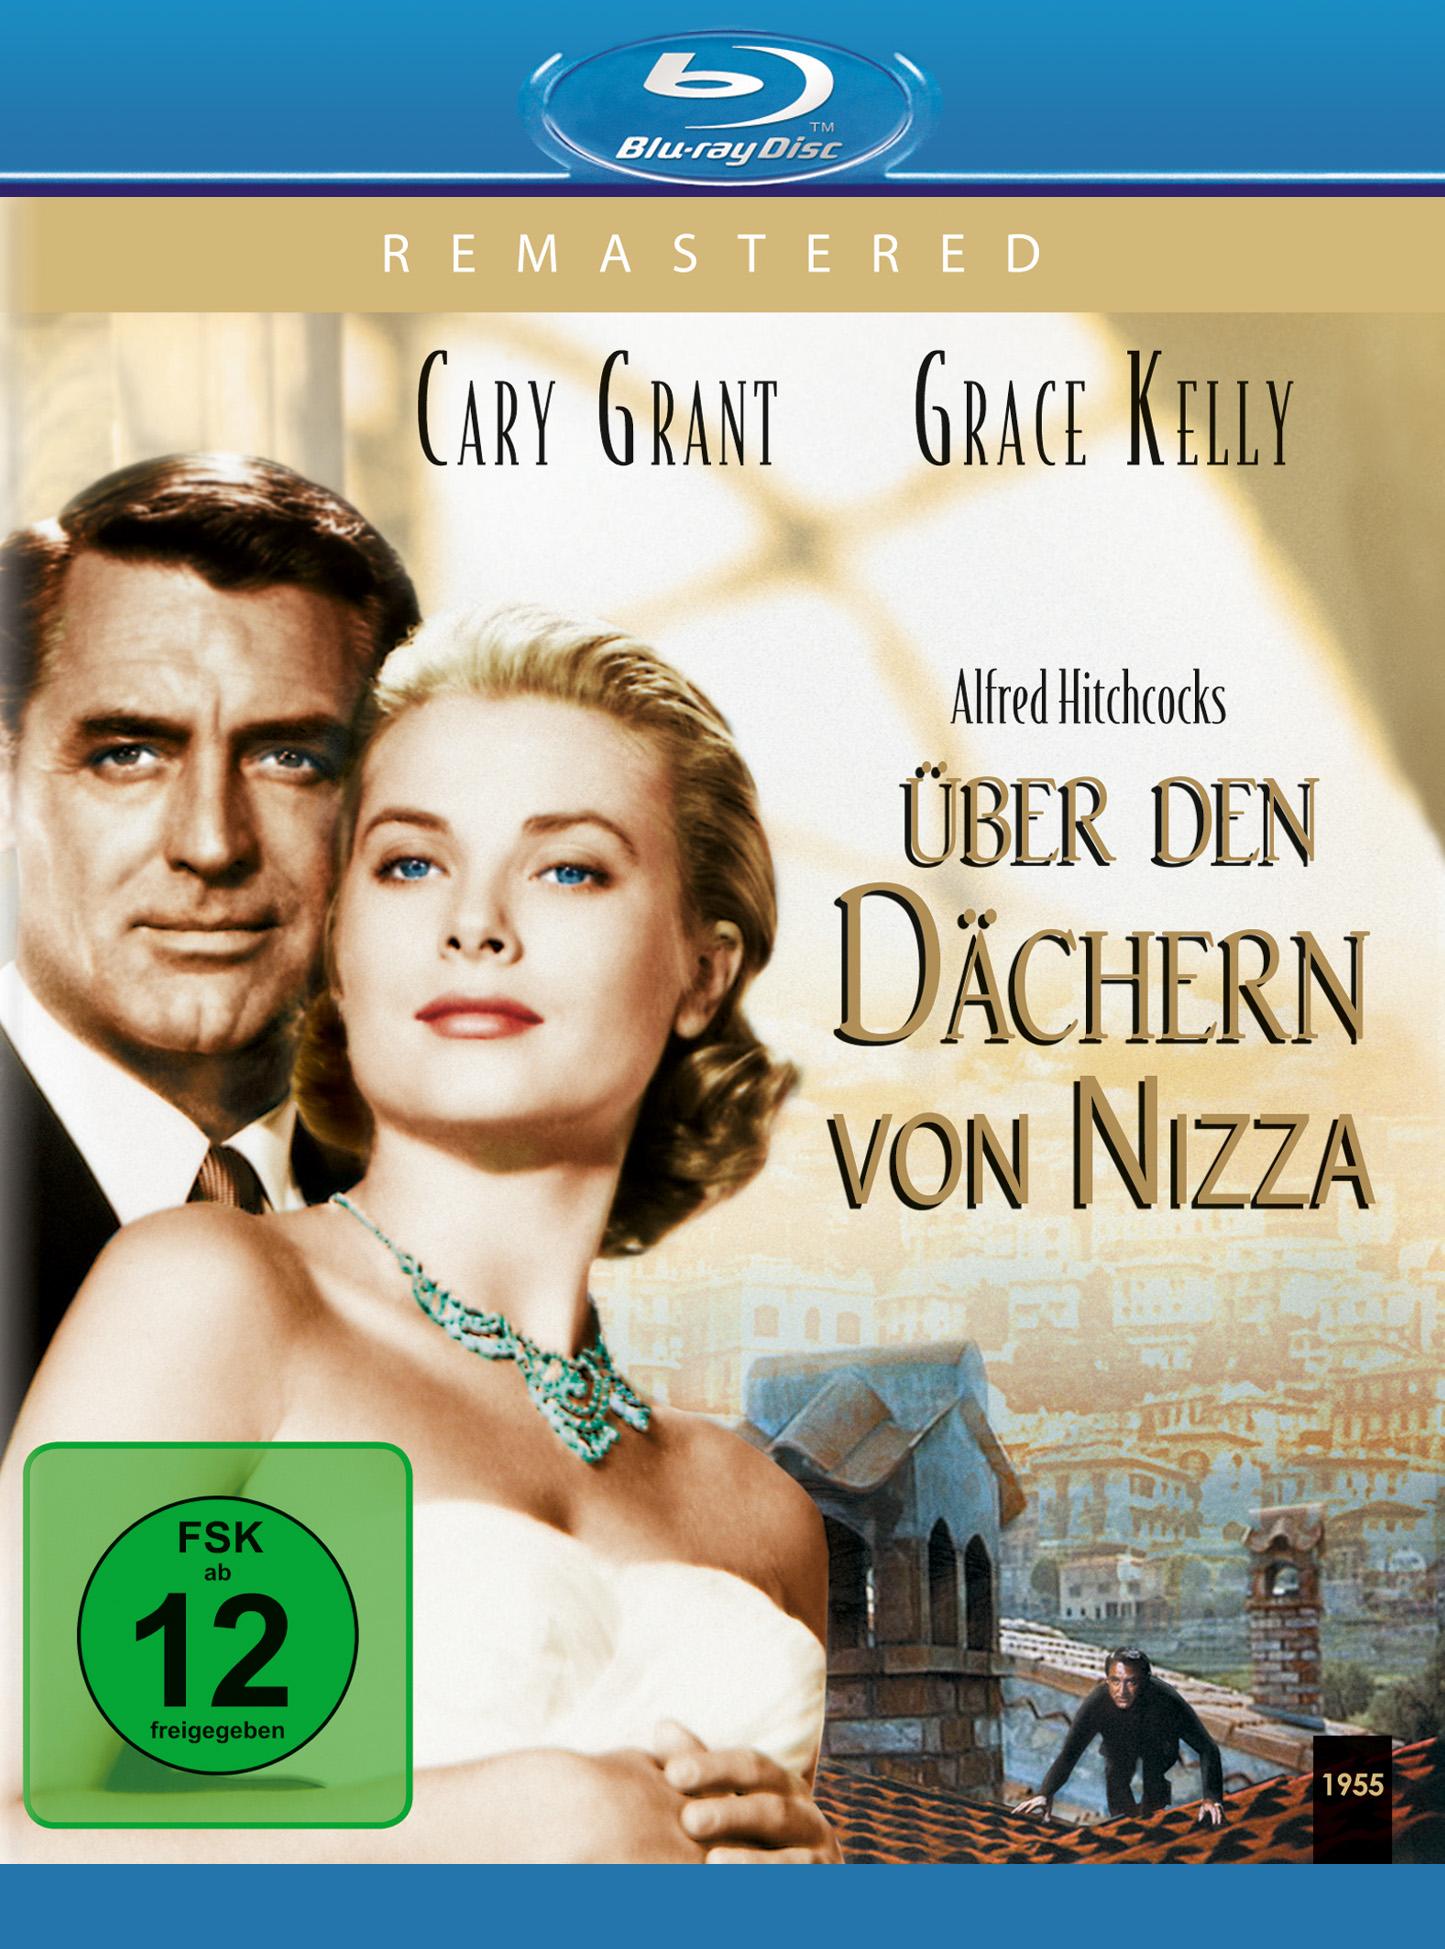 Auf dem Cover der Remastered Blu-ray von Über den Dächern von Nizza sehen wir links vor goldfarbenem Hintergrund die Hauptdarsteller Cary Grant und Grace Kelly sich aneinander schmiegen. Unten rechts ist in klein ein Szenenbild zu sehen, in der der von Cary Grant gespielte John Robie katzenhaft über ein Hausdach schleicht.